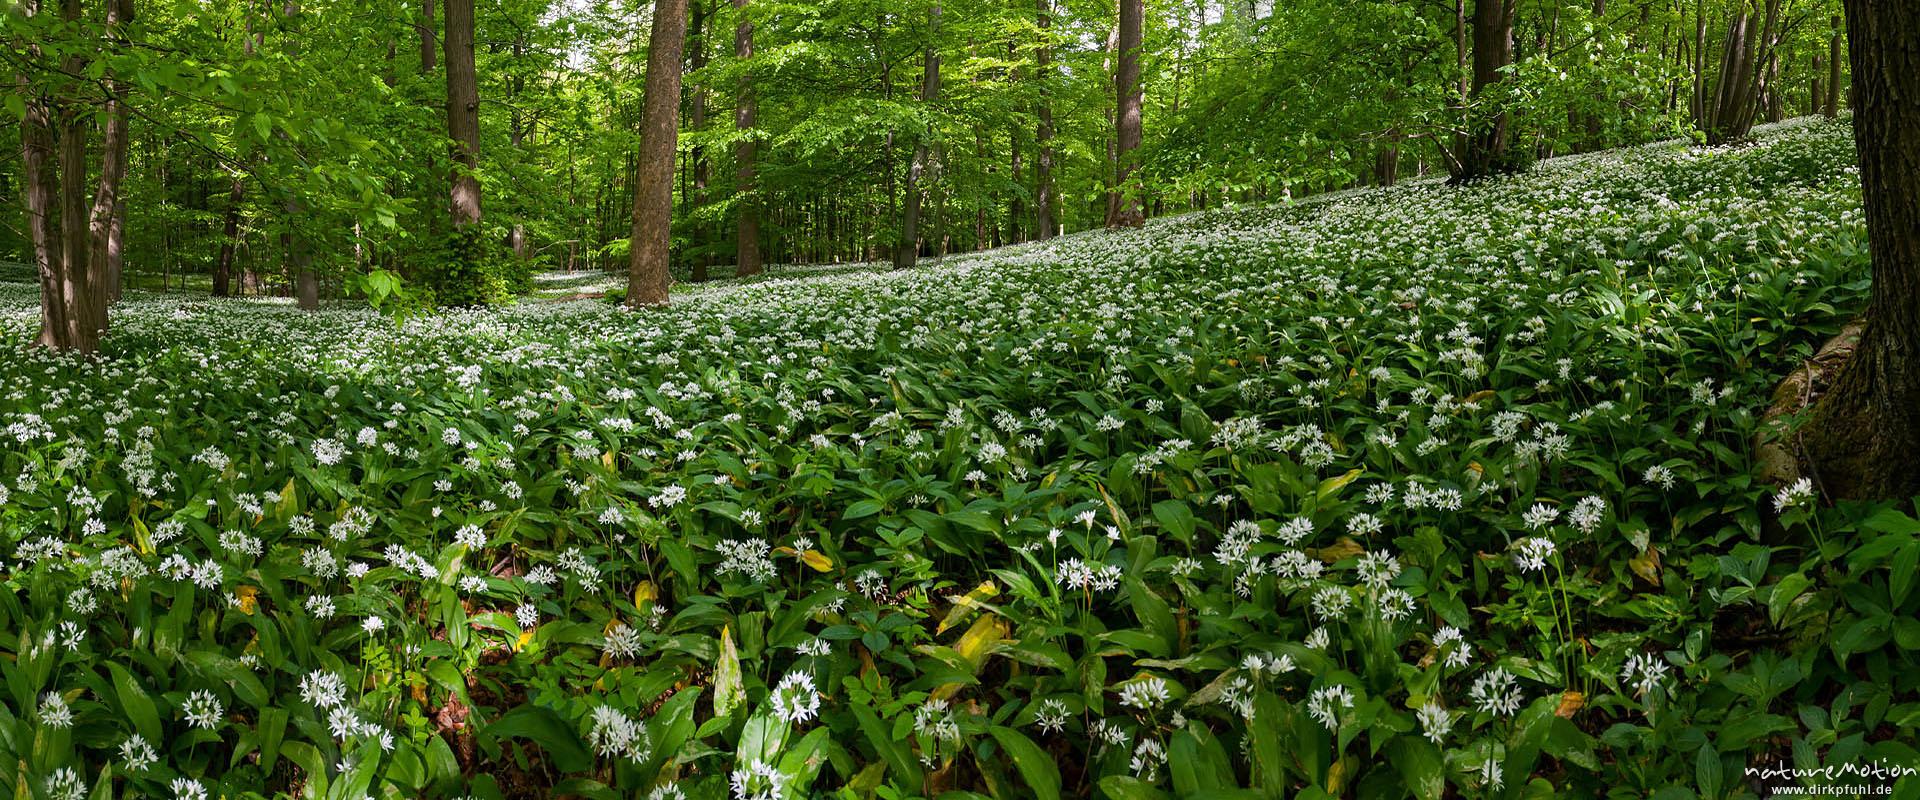 Bärlauch, Allium ursinum, Liliaceae, dichter Bestand blühender